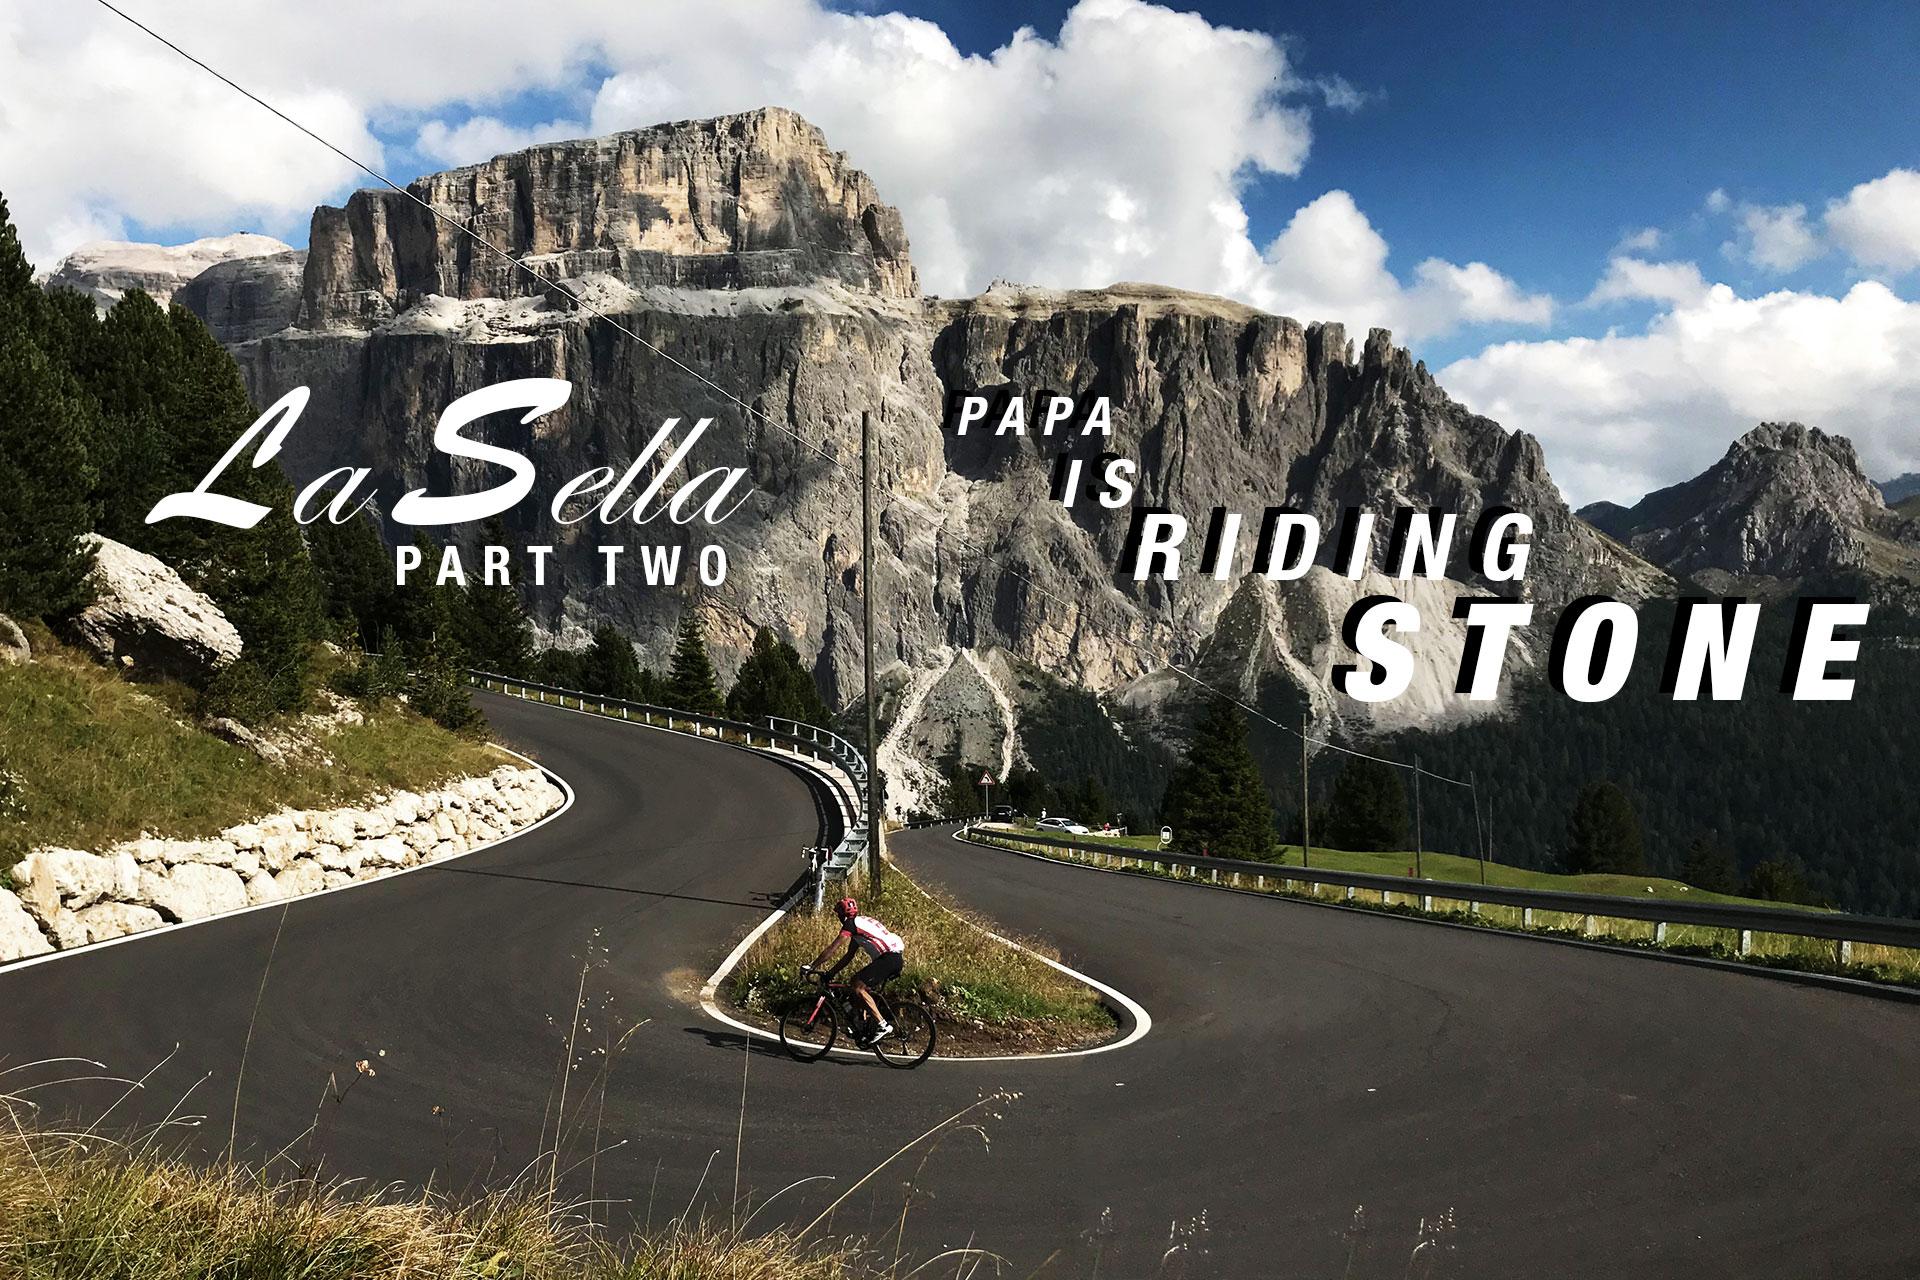 PAPA IS A RIDING STONE Mit dem Rennrad über Stelvio, Sella und Valparola PART II / TITEL: Kehre 5 vor dem Passo Sella © stefandrexl.com